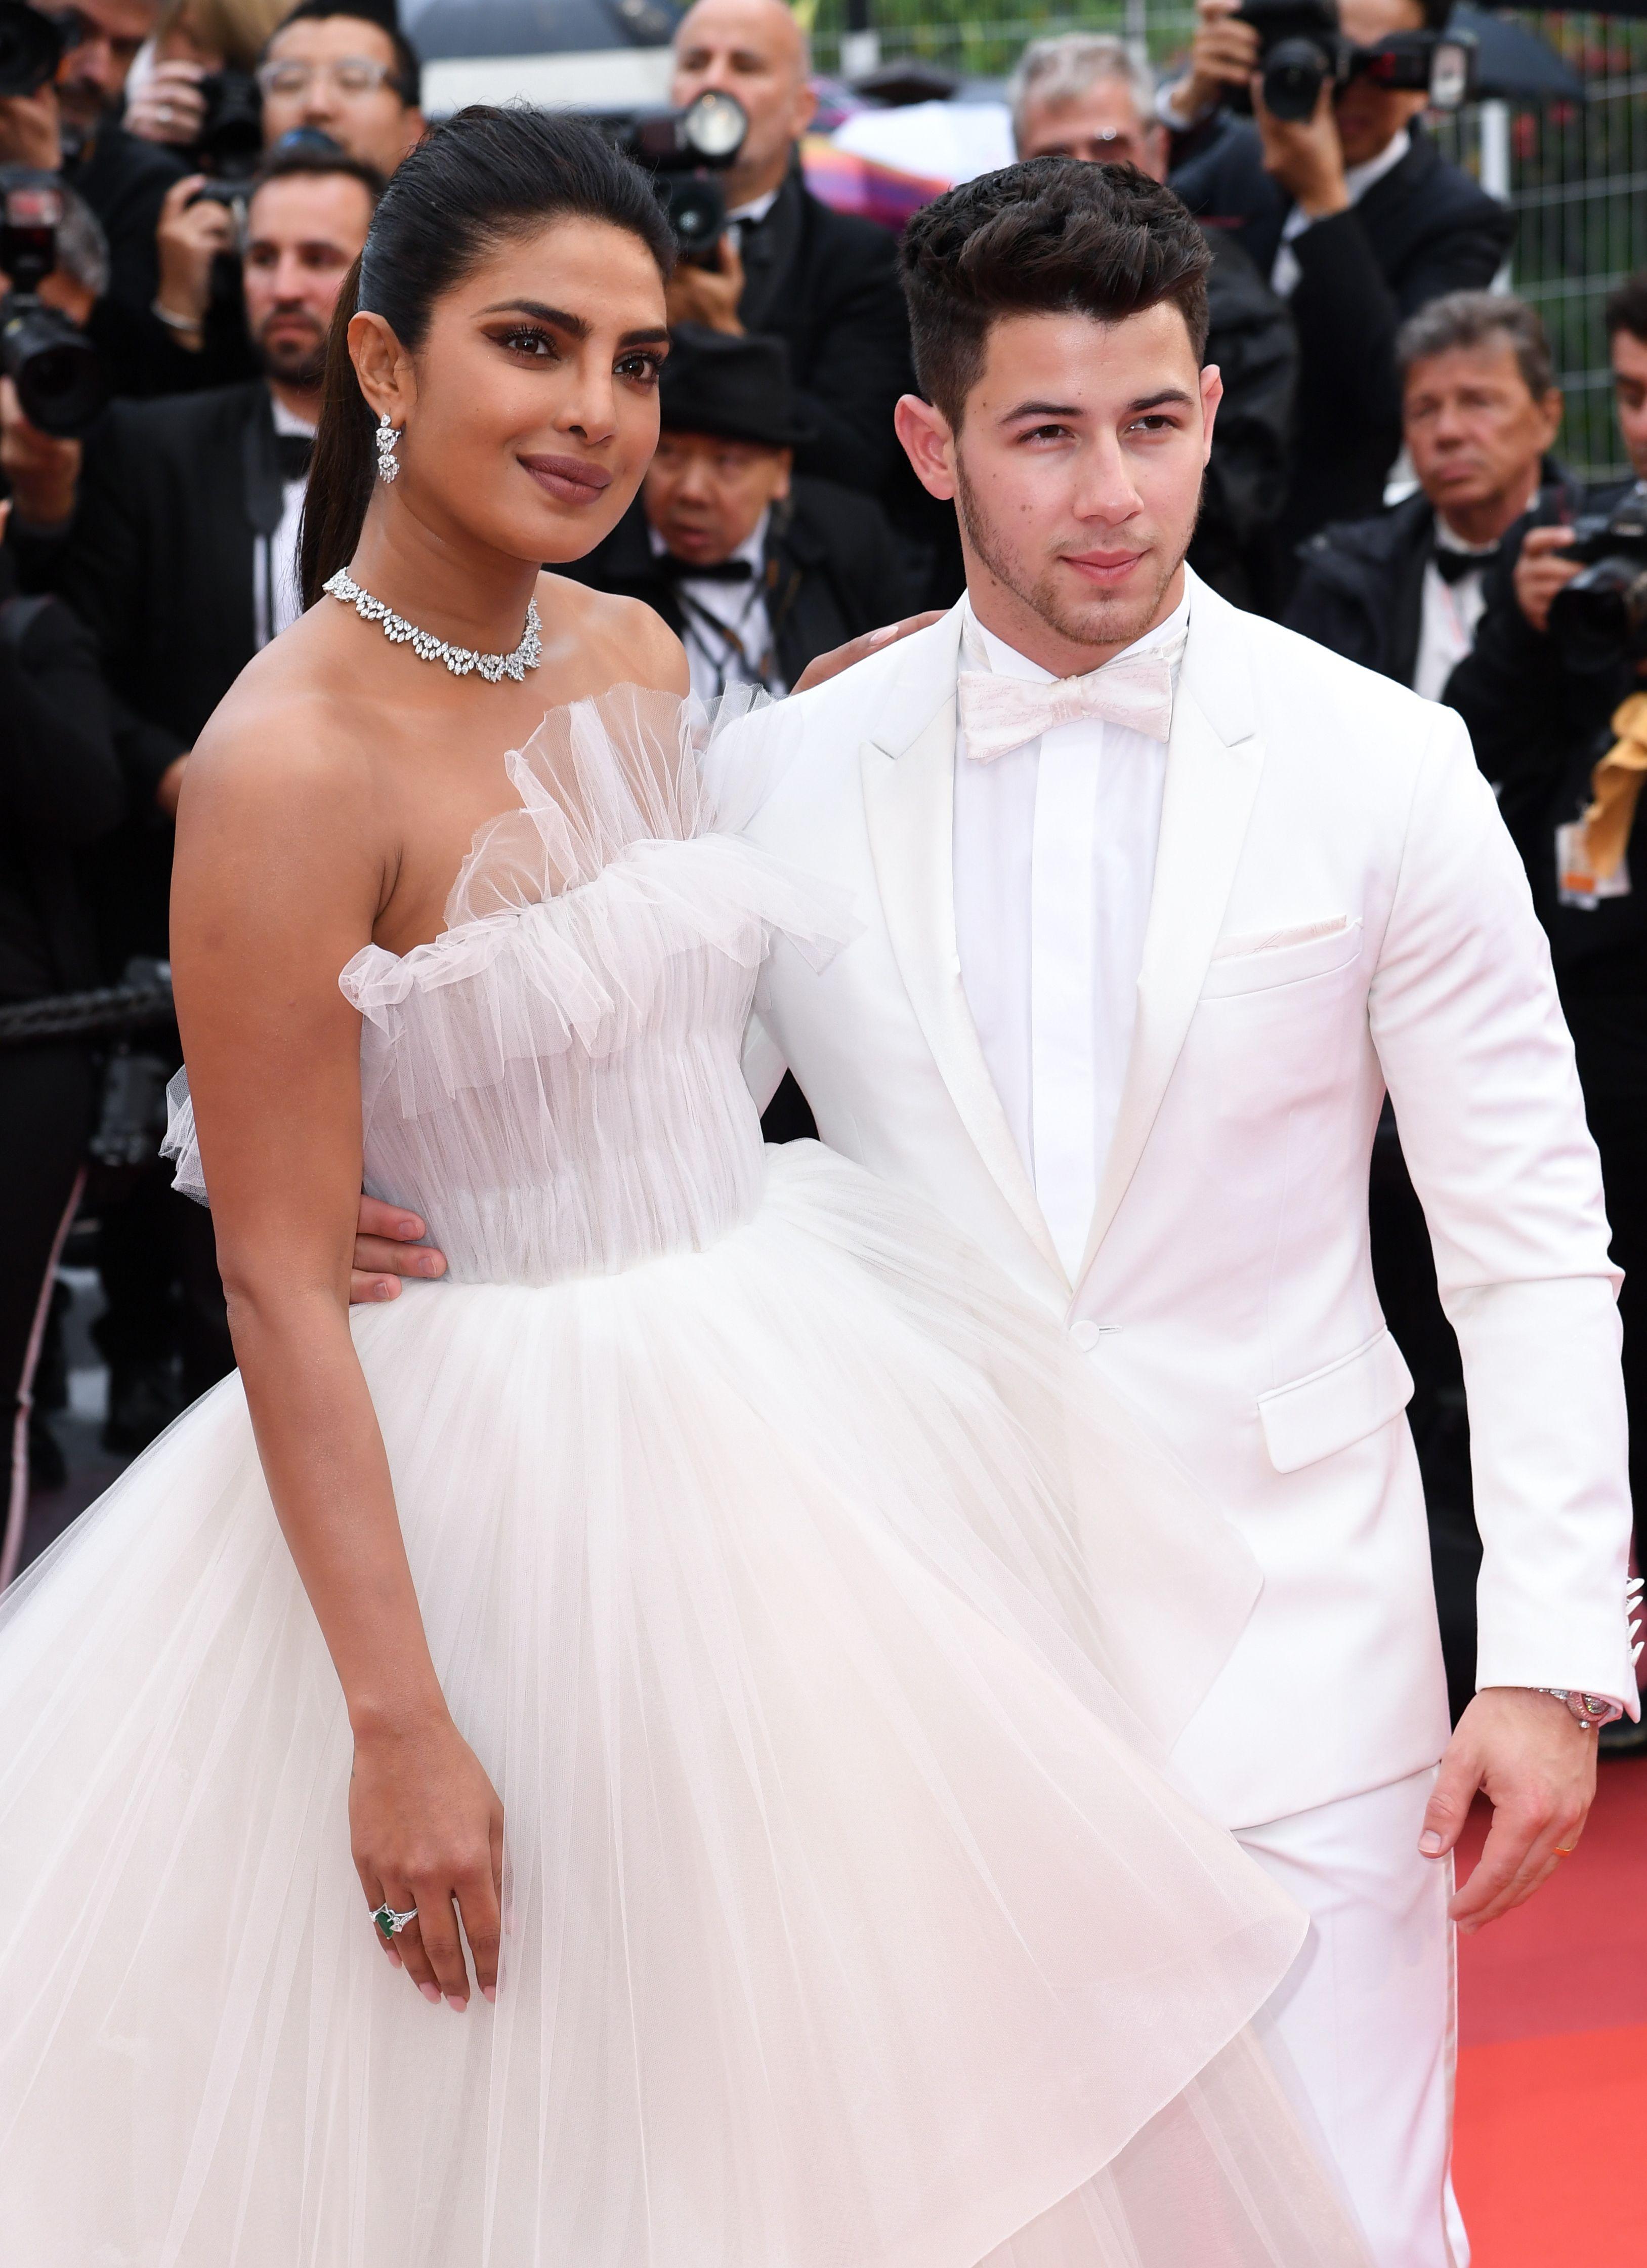 Prestižni magazin People Priyanku Chopru i Nicka Jonasa proglasio najbolje odjevenim parom!